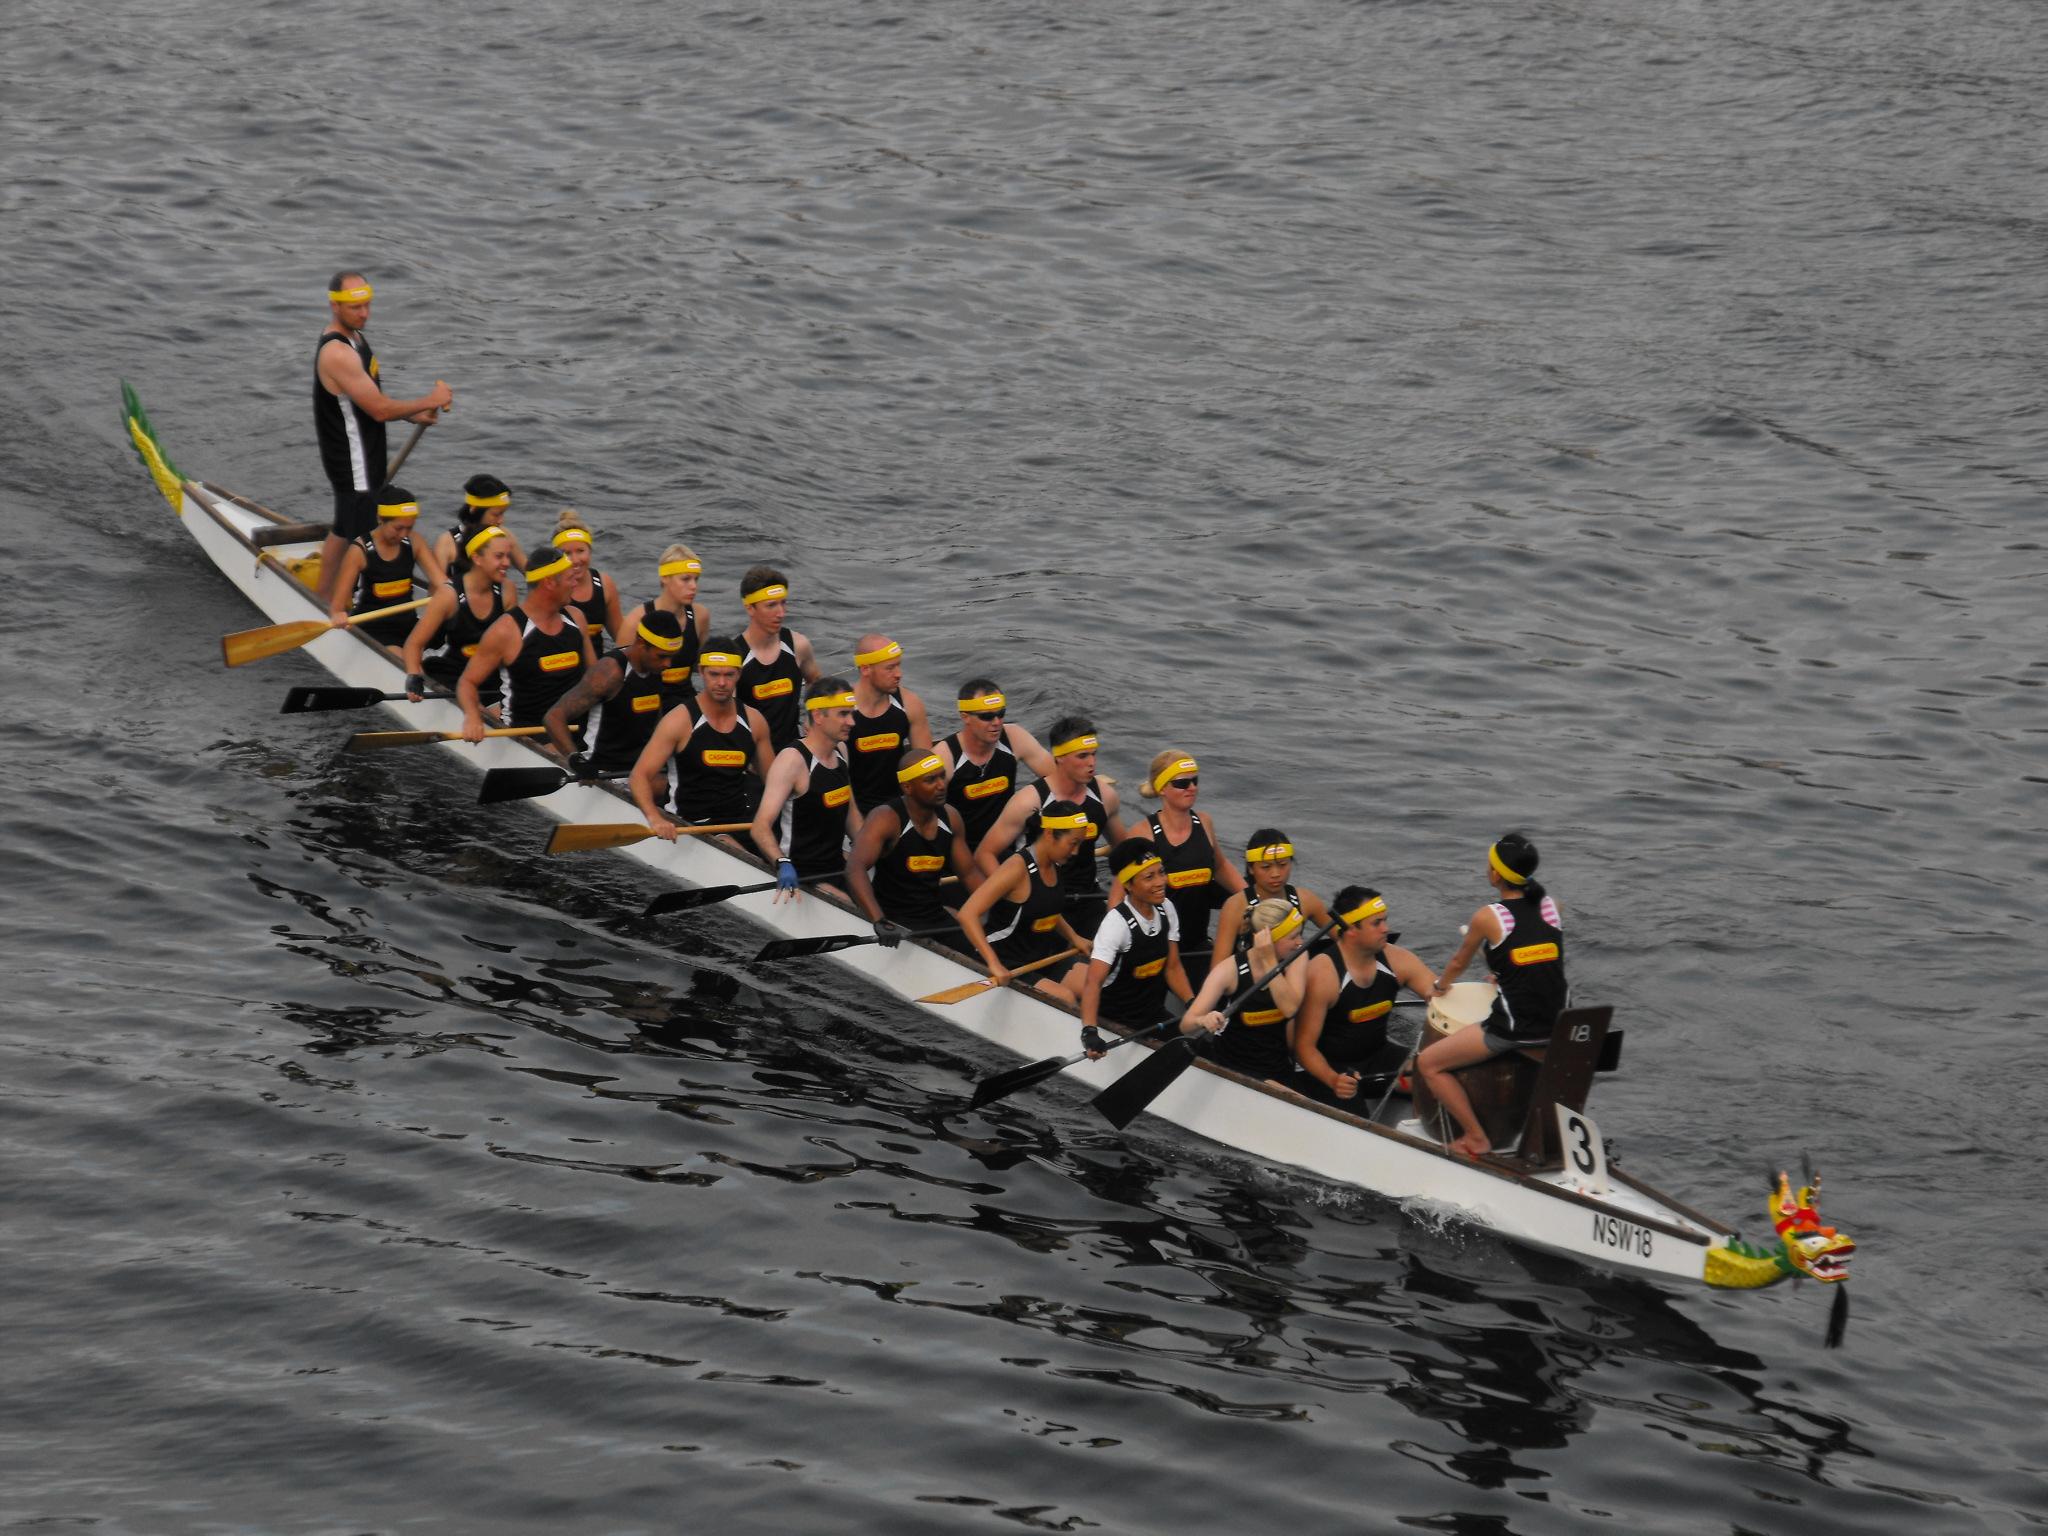 лодка дракон каноэ